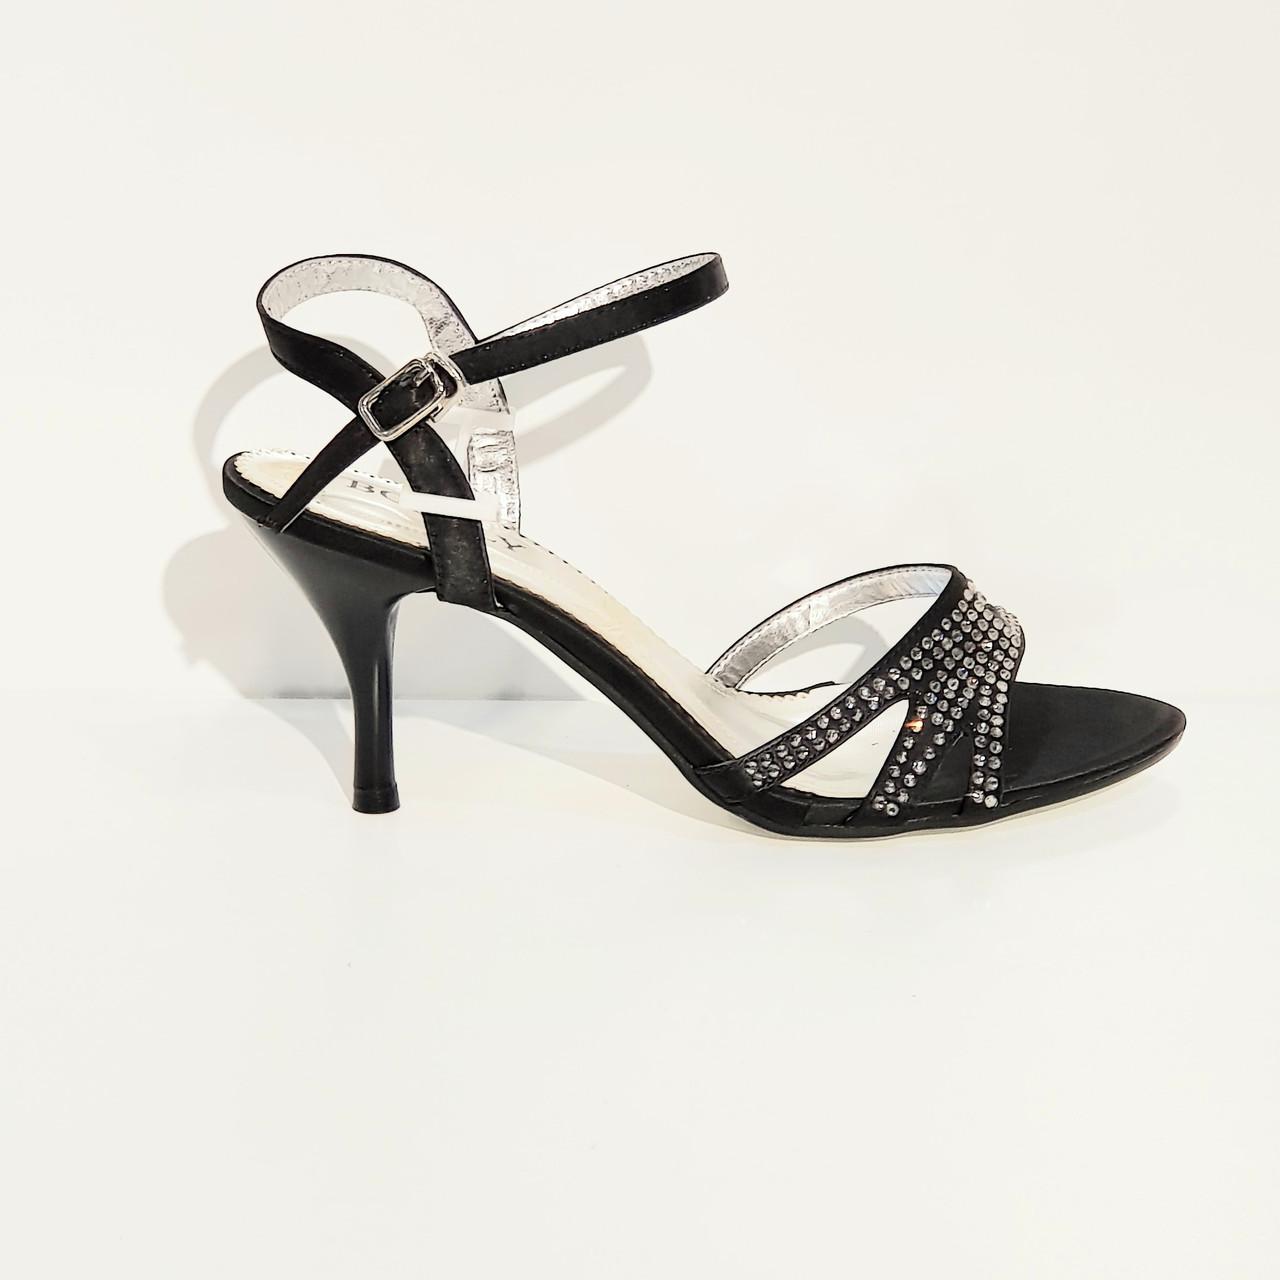 Босоножки женские текстильные на среднем каблуке черные